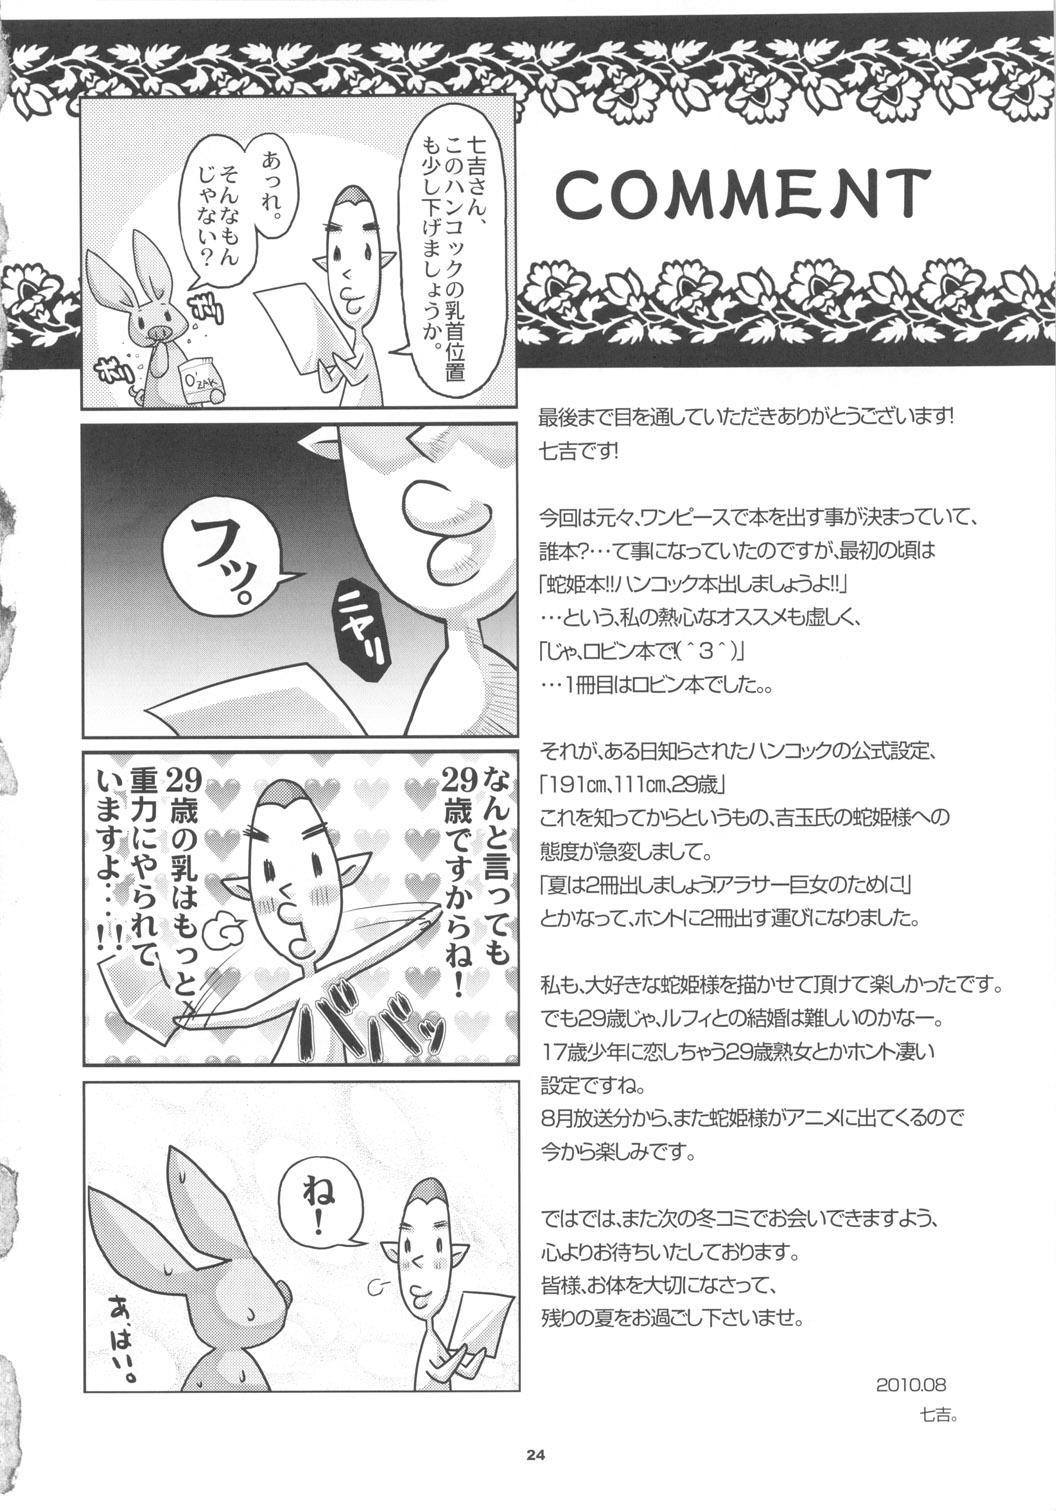 Metabolism-H Moto Dorei Kaizoku Jotei Hancock no Hanayome Shiyugyou 22